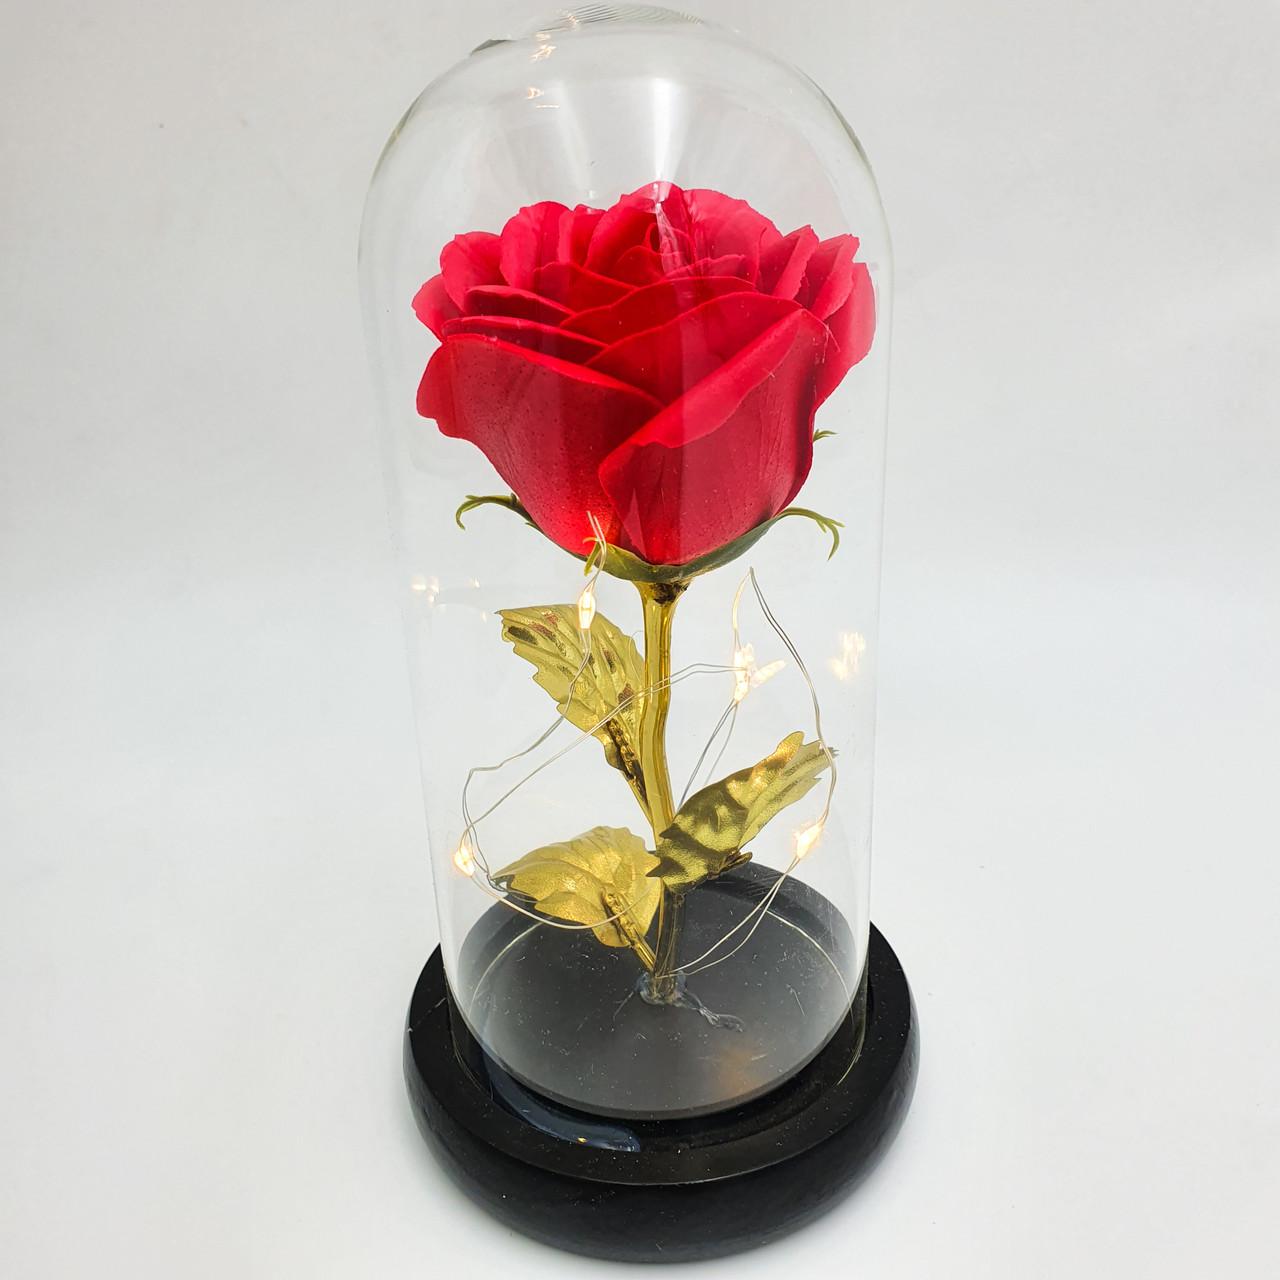 Роза в колбі з LED підсвічуванням 16 см романтичний подарунок золоті листя червона